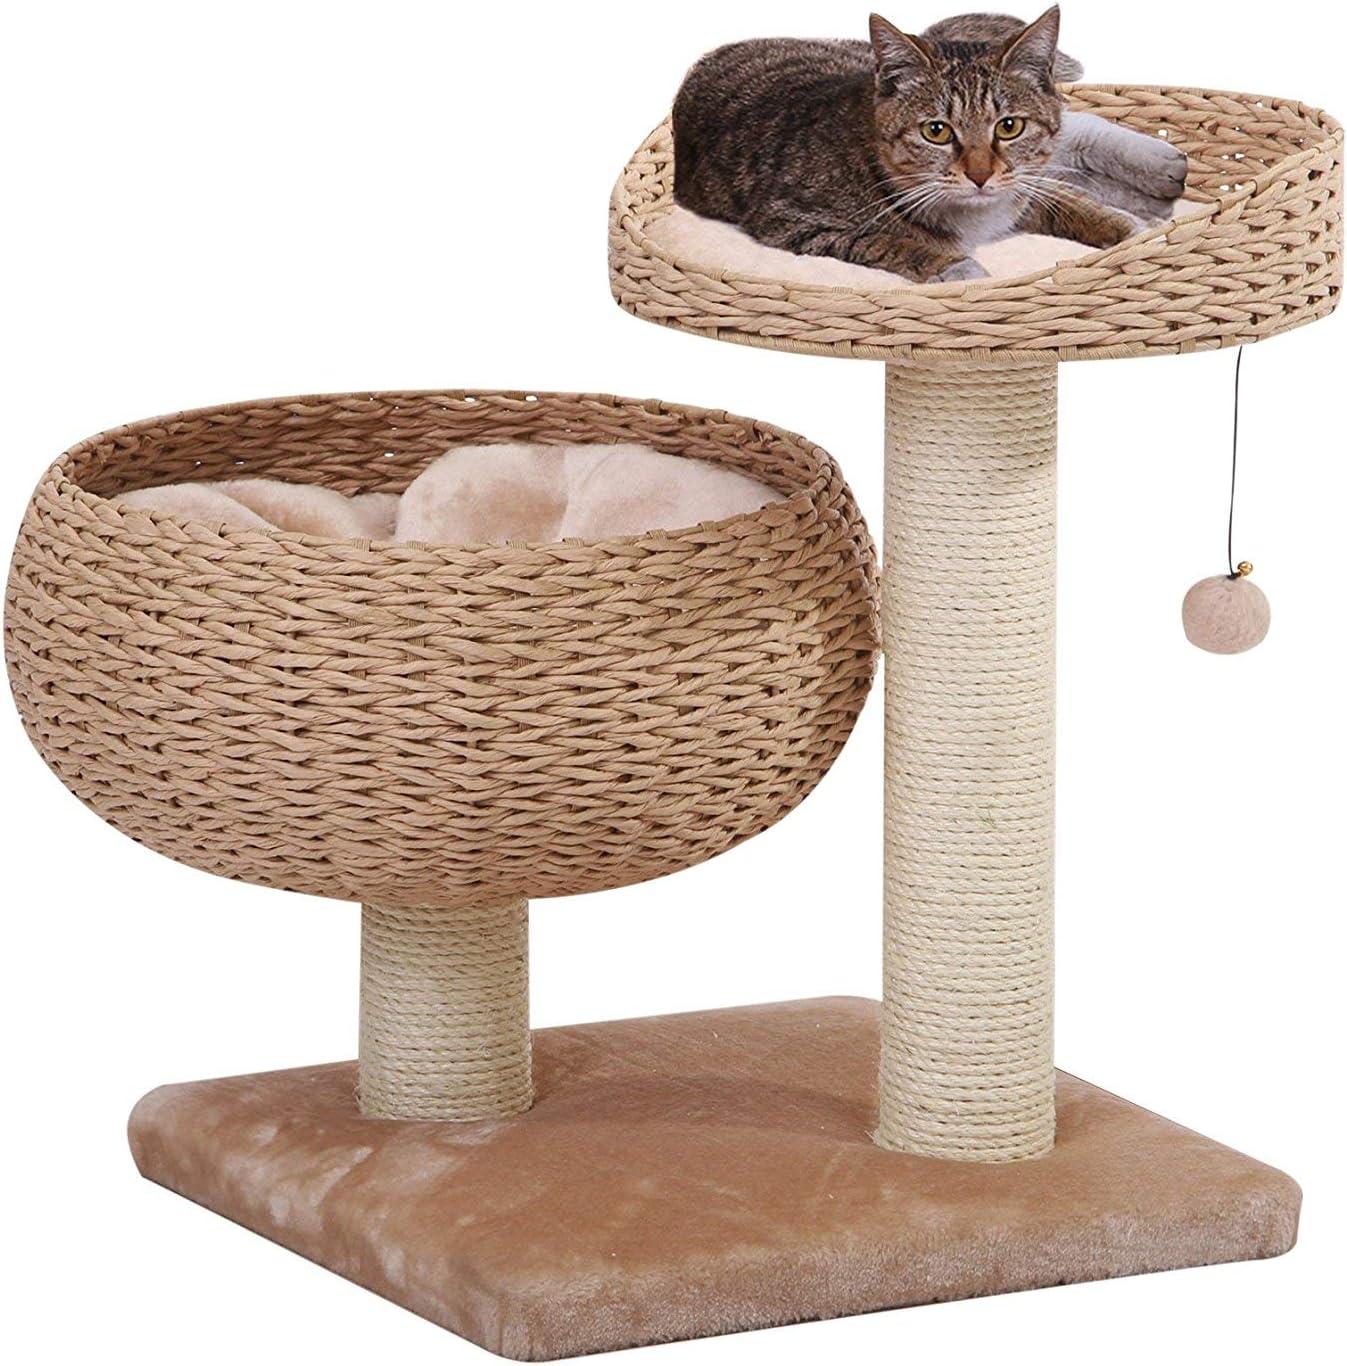 PetPals Cozy Cat Tree : Pet Window Perches : Pet Supplies